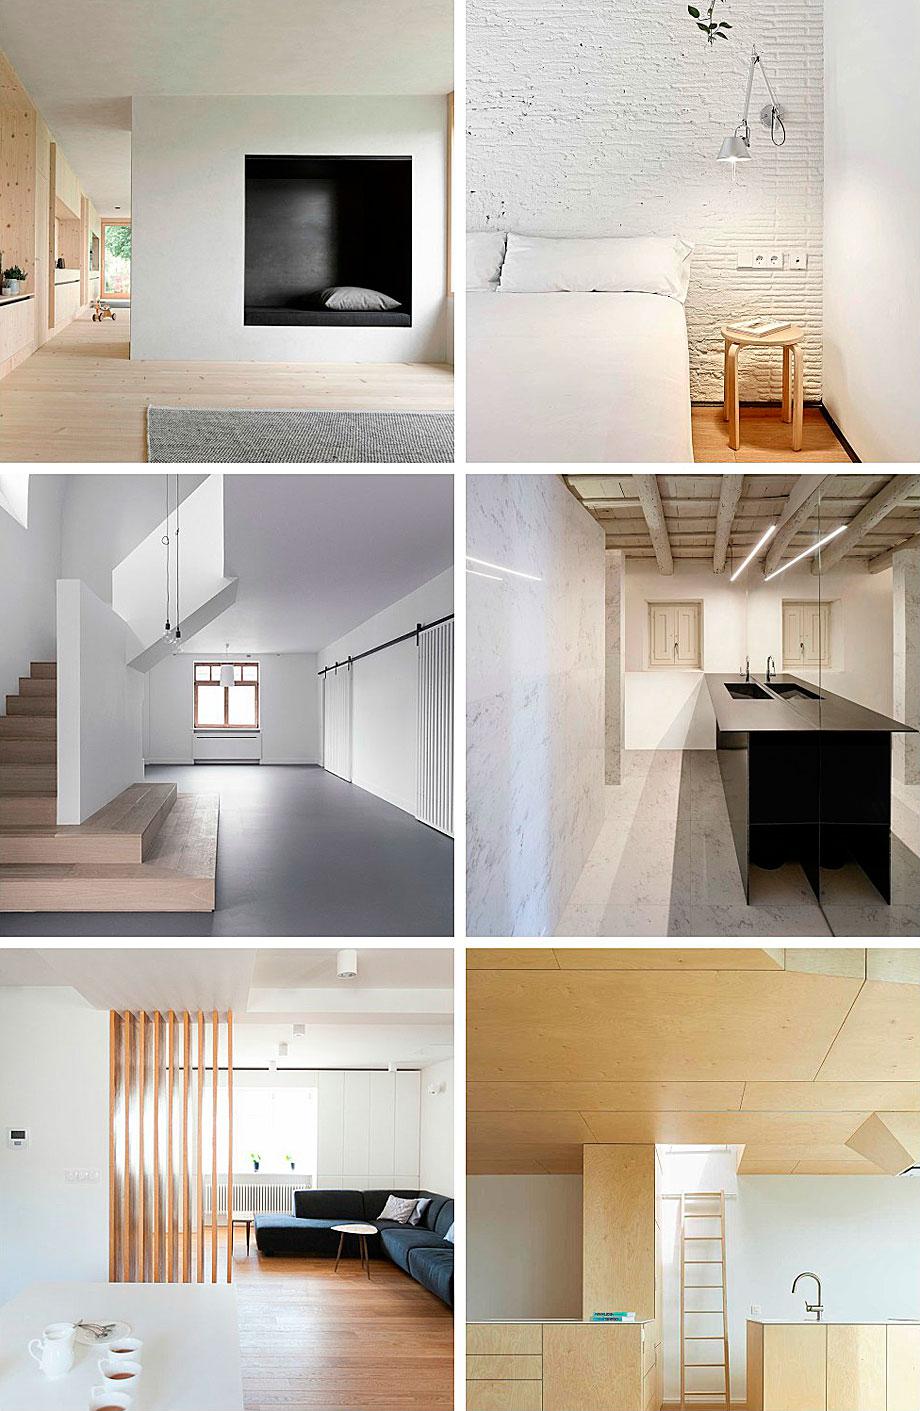 Interiores minimalistas revista online de dise o interior for Interiores minimalistas 2016